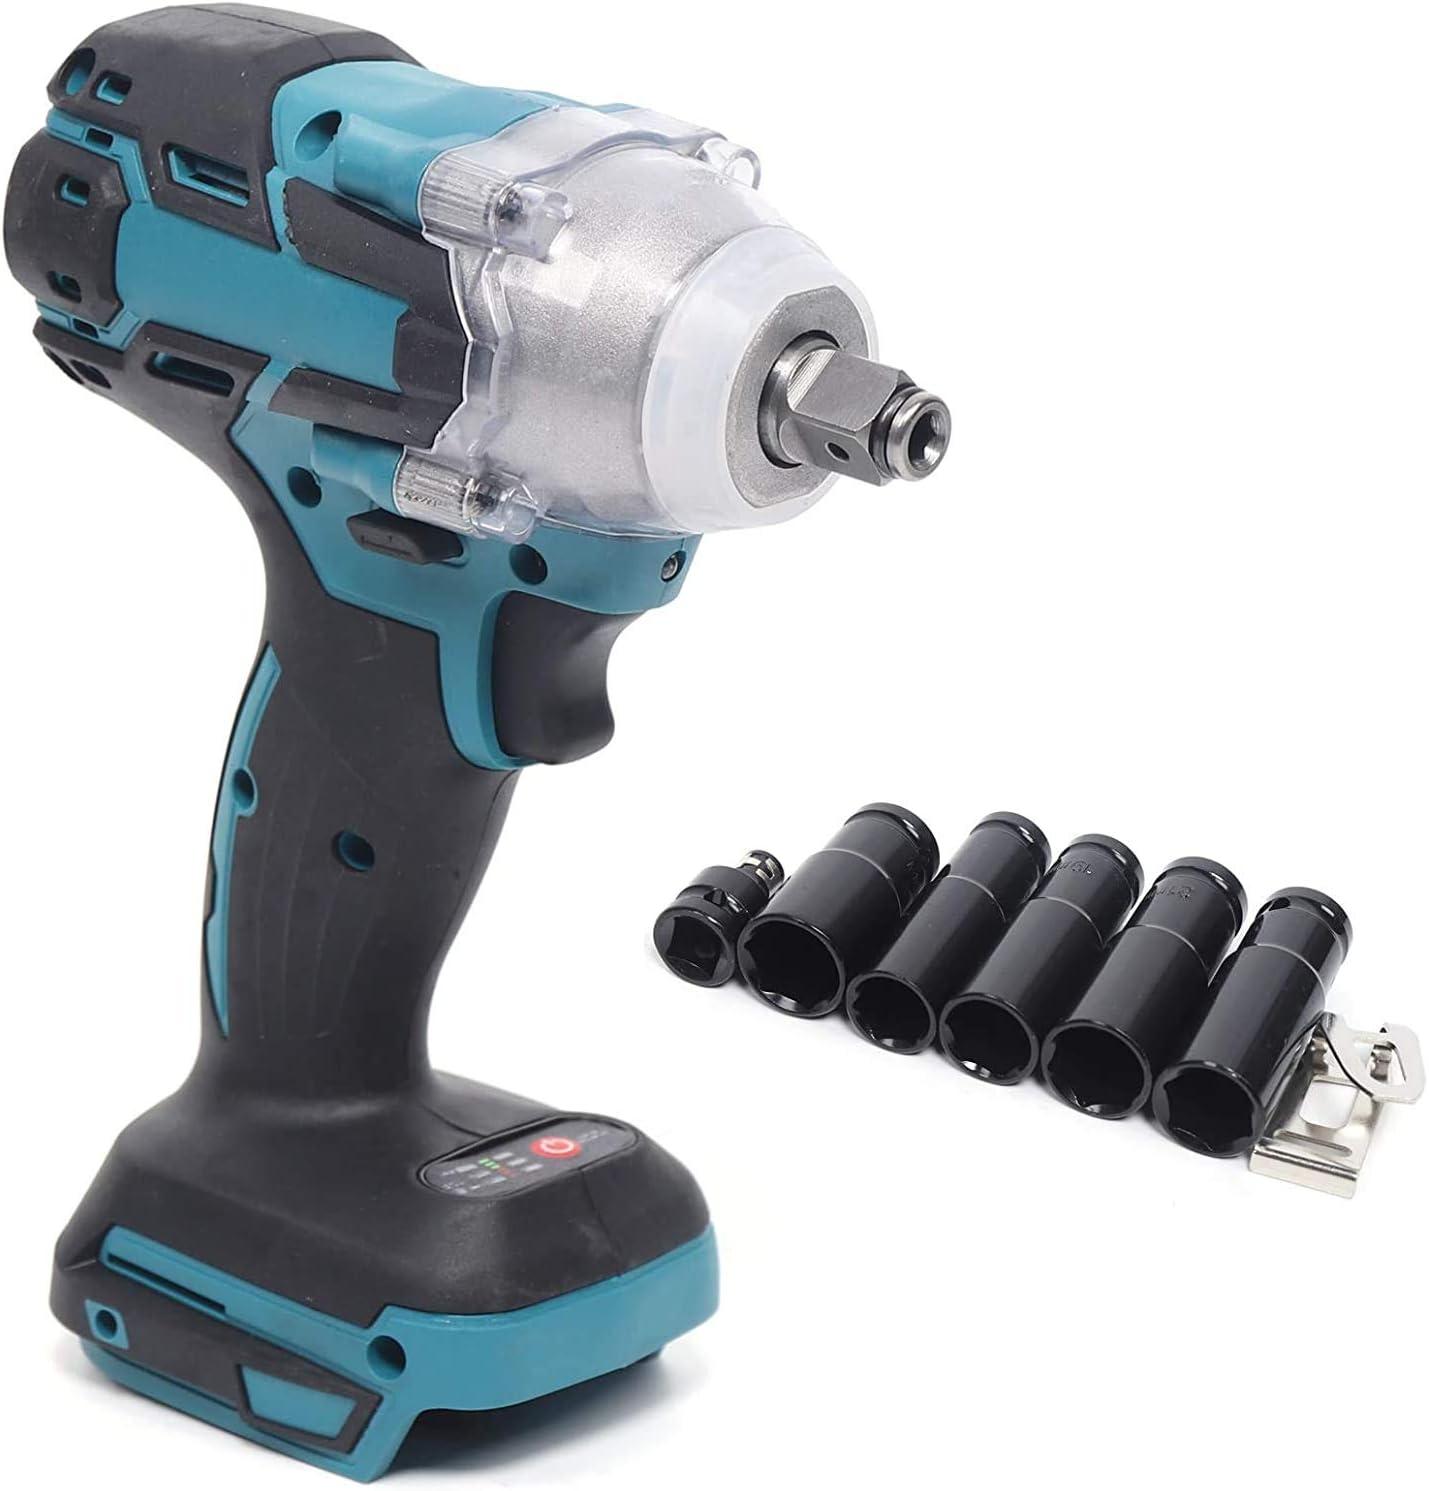 Atornillador de impacto con batería, 1/2 pulgadas, 520 Nm, 6 piezas, compatible con destornillador de carraca, 18 V, 4000 rpm